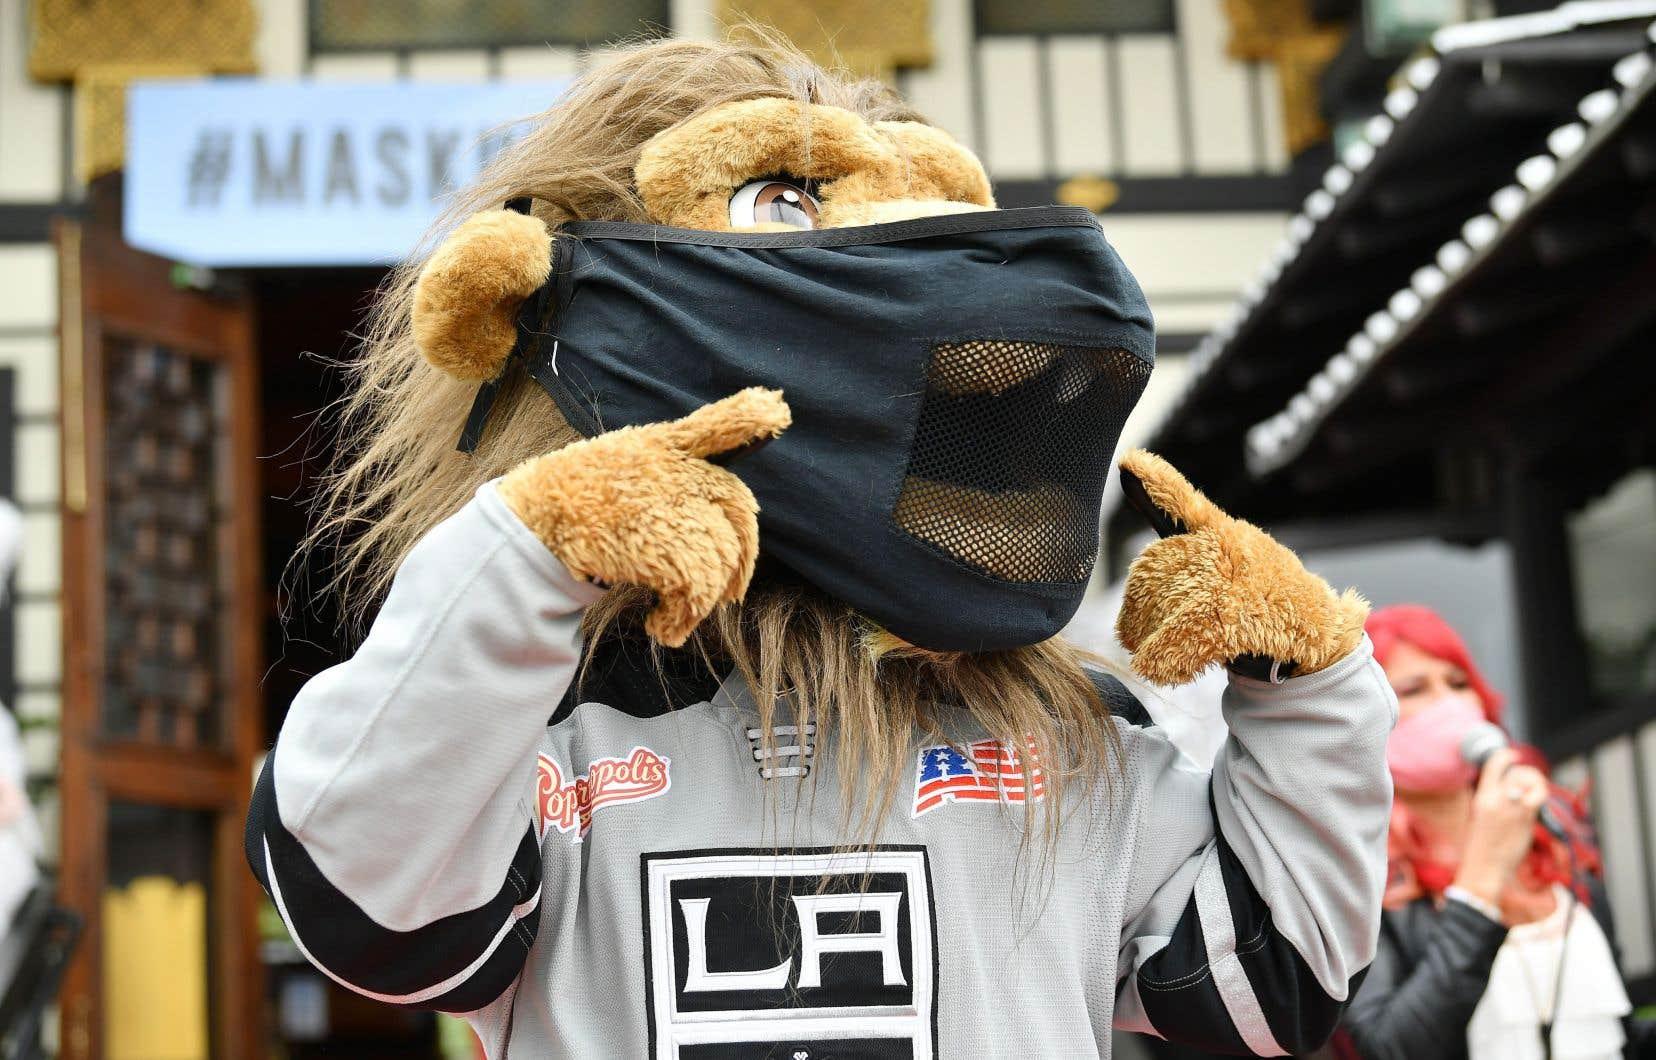 La mascotte des Kings de Los Angeles a encouragé jeudi les Américains à porter un masque dans les lieux publics.